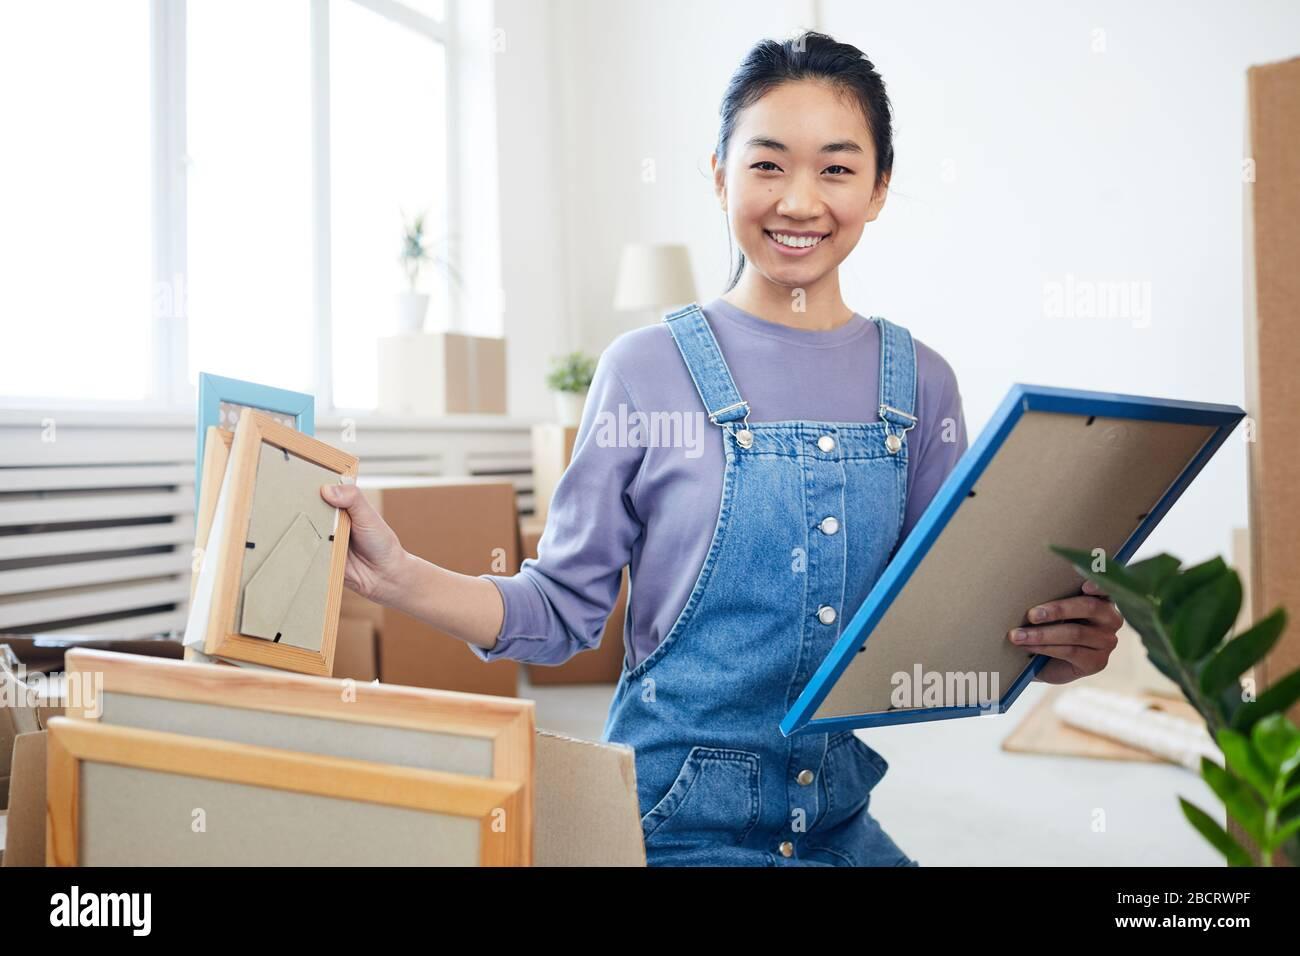 Portrait de la jeune femme asiatique emballant des boîtes et souriant à l'appareil photo excité pour se déplacer à la nouvelle maison ou appartement, espace de copie Banque D'Images